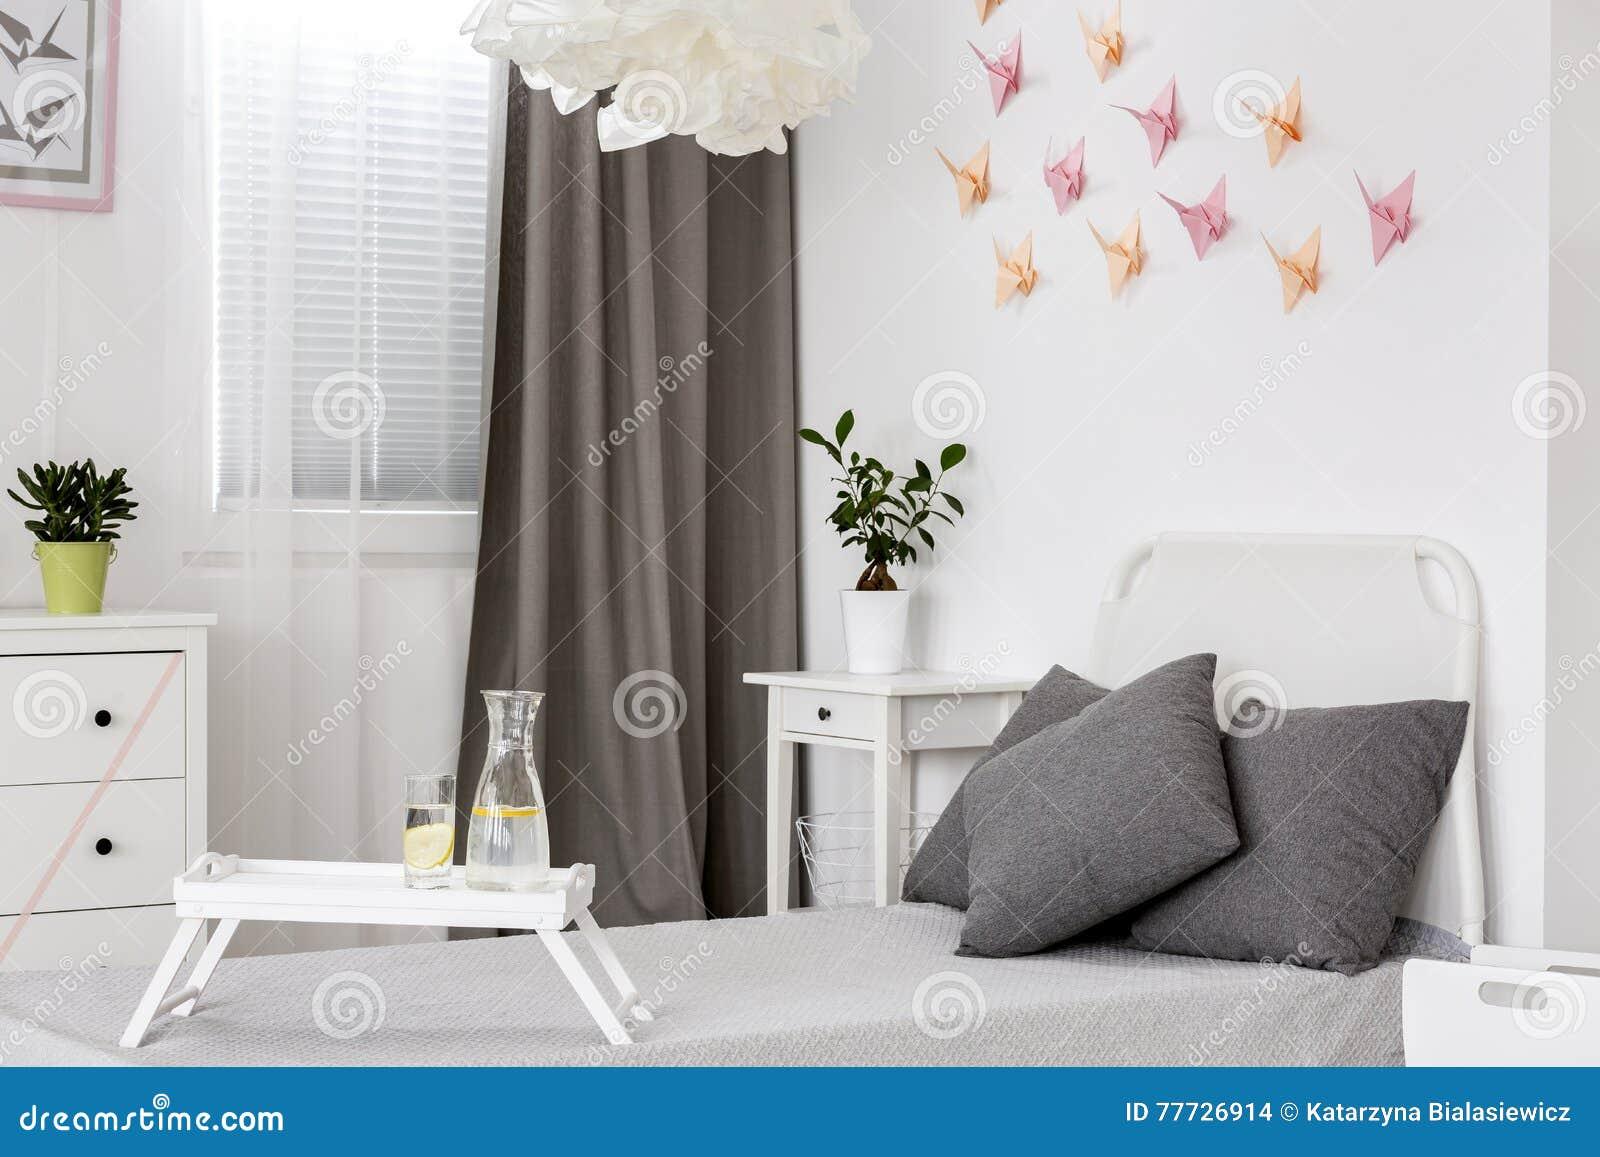 Slaapkamer Ideeen Grijs Wit.Slaapkamer In Wit En Grijs Idee Stock Foto Afbeelding Bestaande